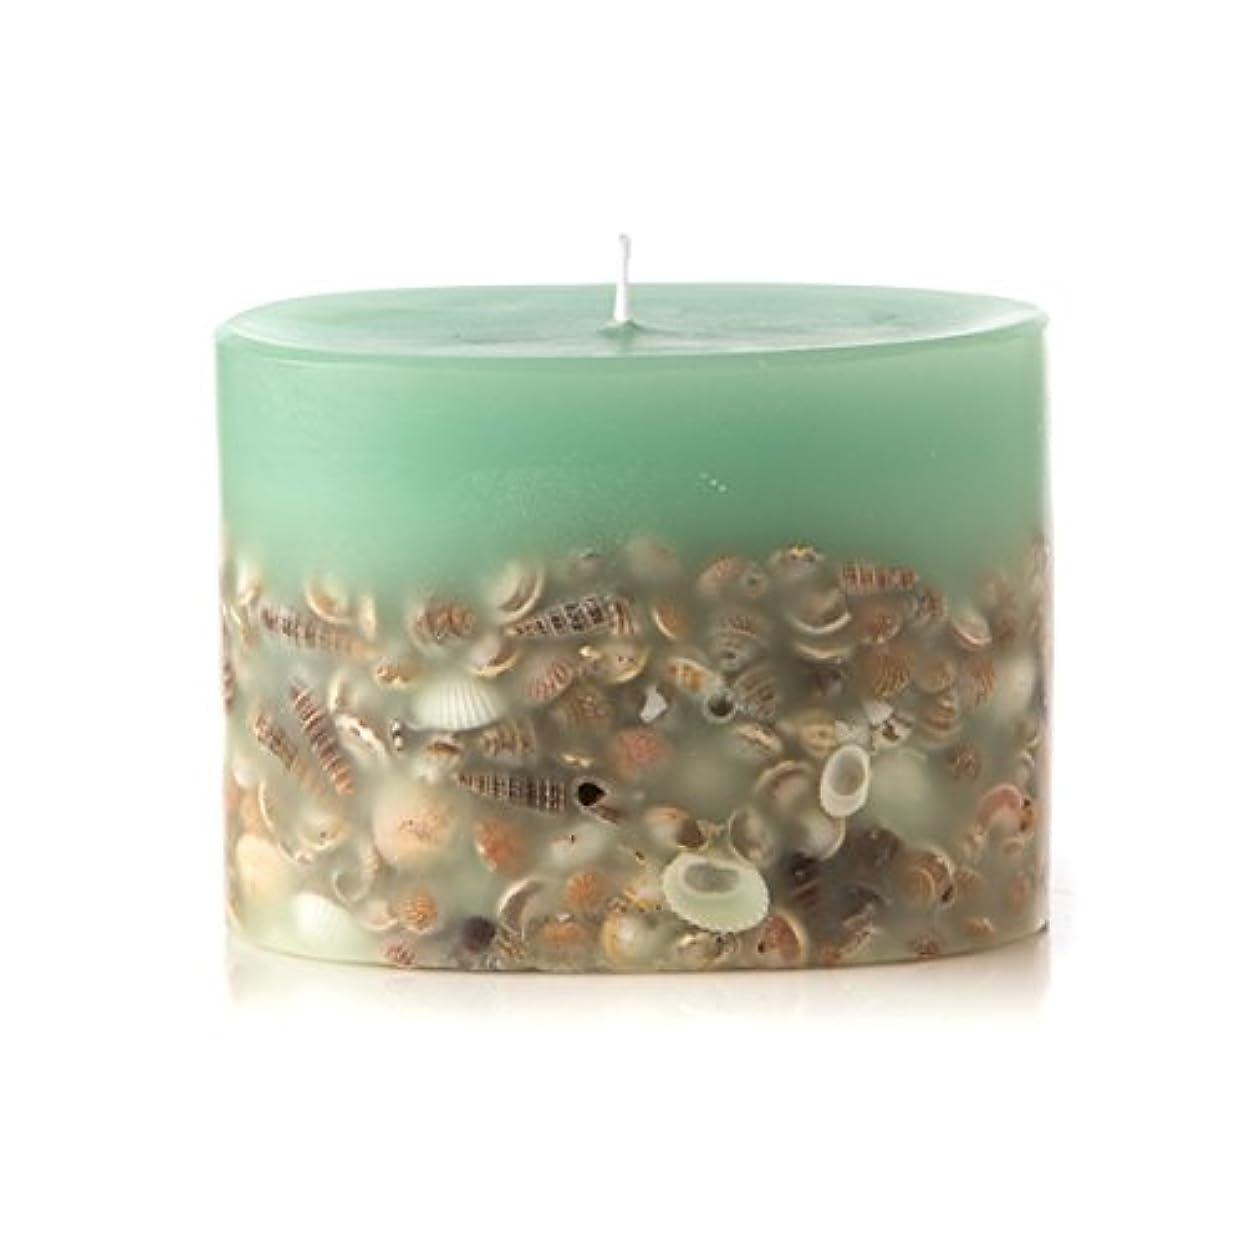 集まるベギン評価可能ロージーリングス プティボタニカルキャンドル シーグラス ROSY RINGS Petite Oval Botanical Candle Sea Glass